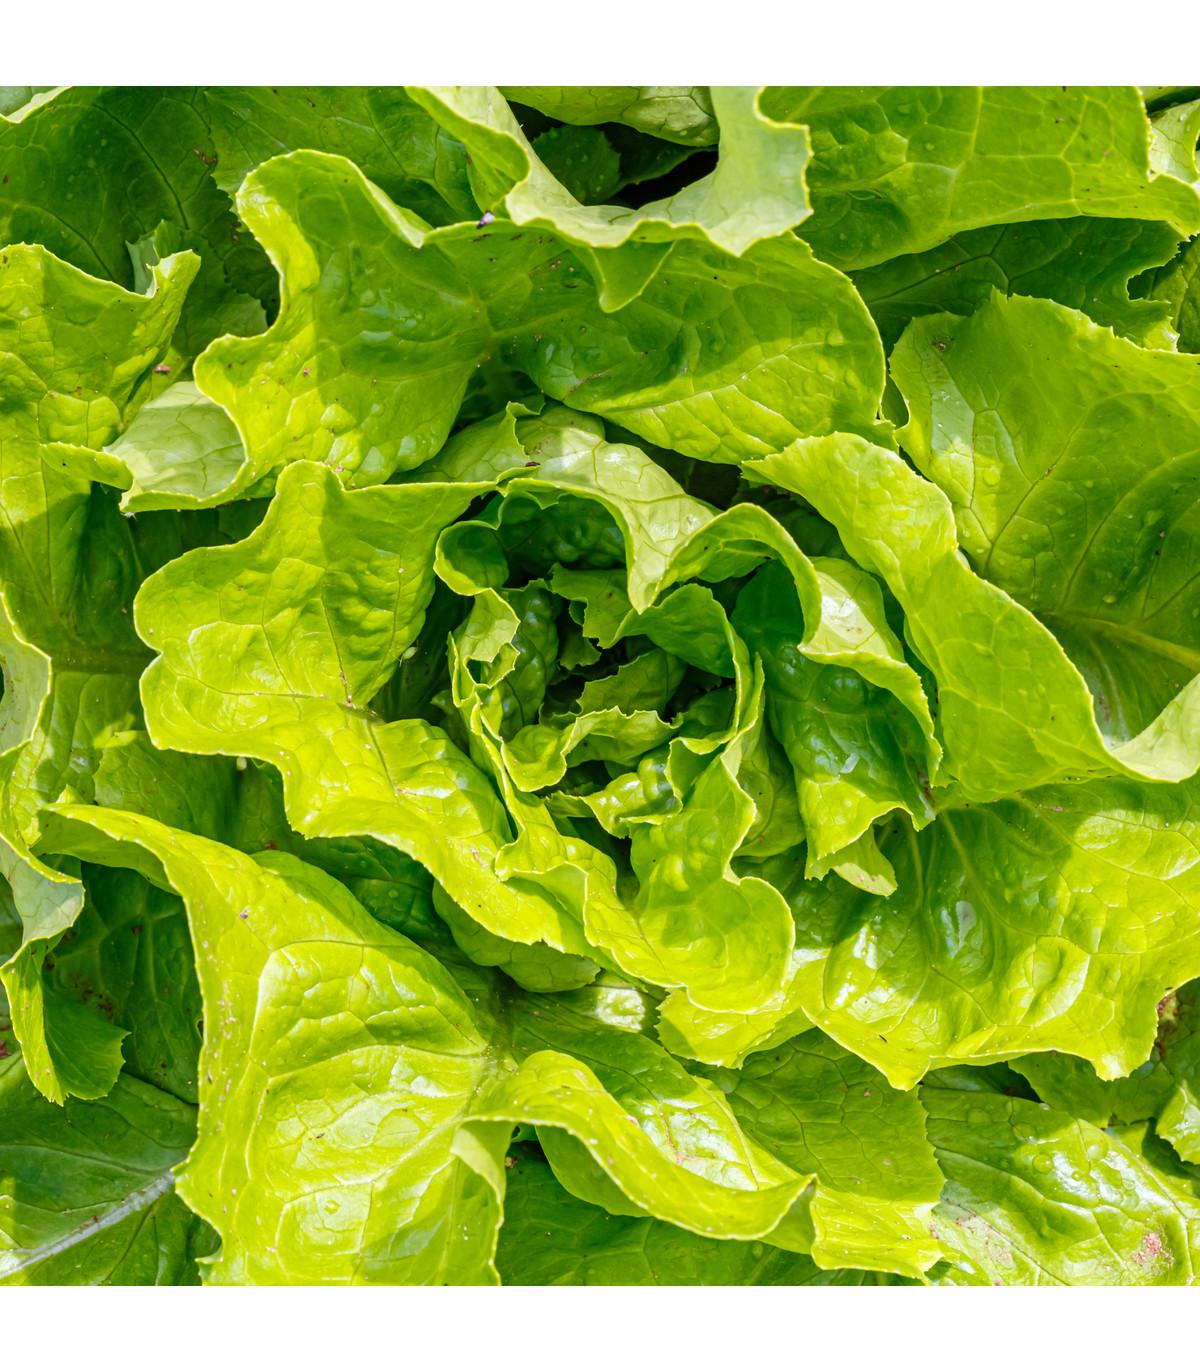 Šalát hlávkový Attractie - osivo šalátu - Lactuca sativa - 100 ks